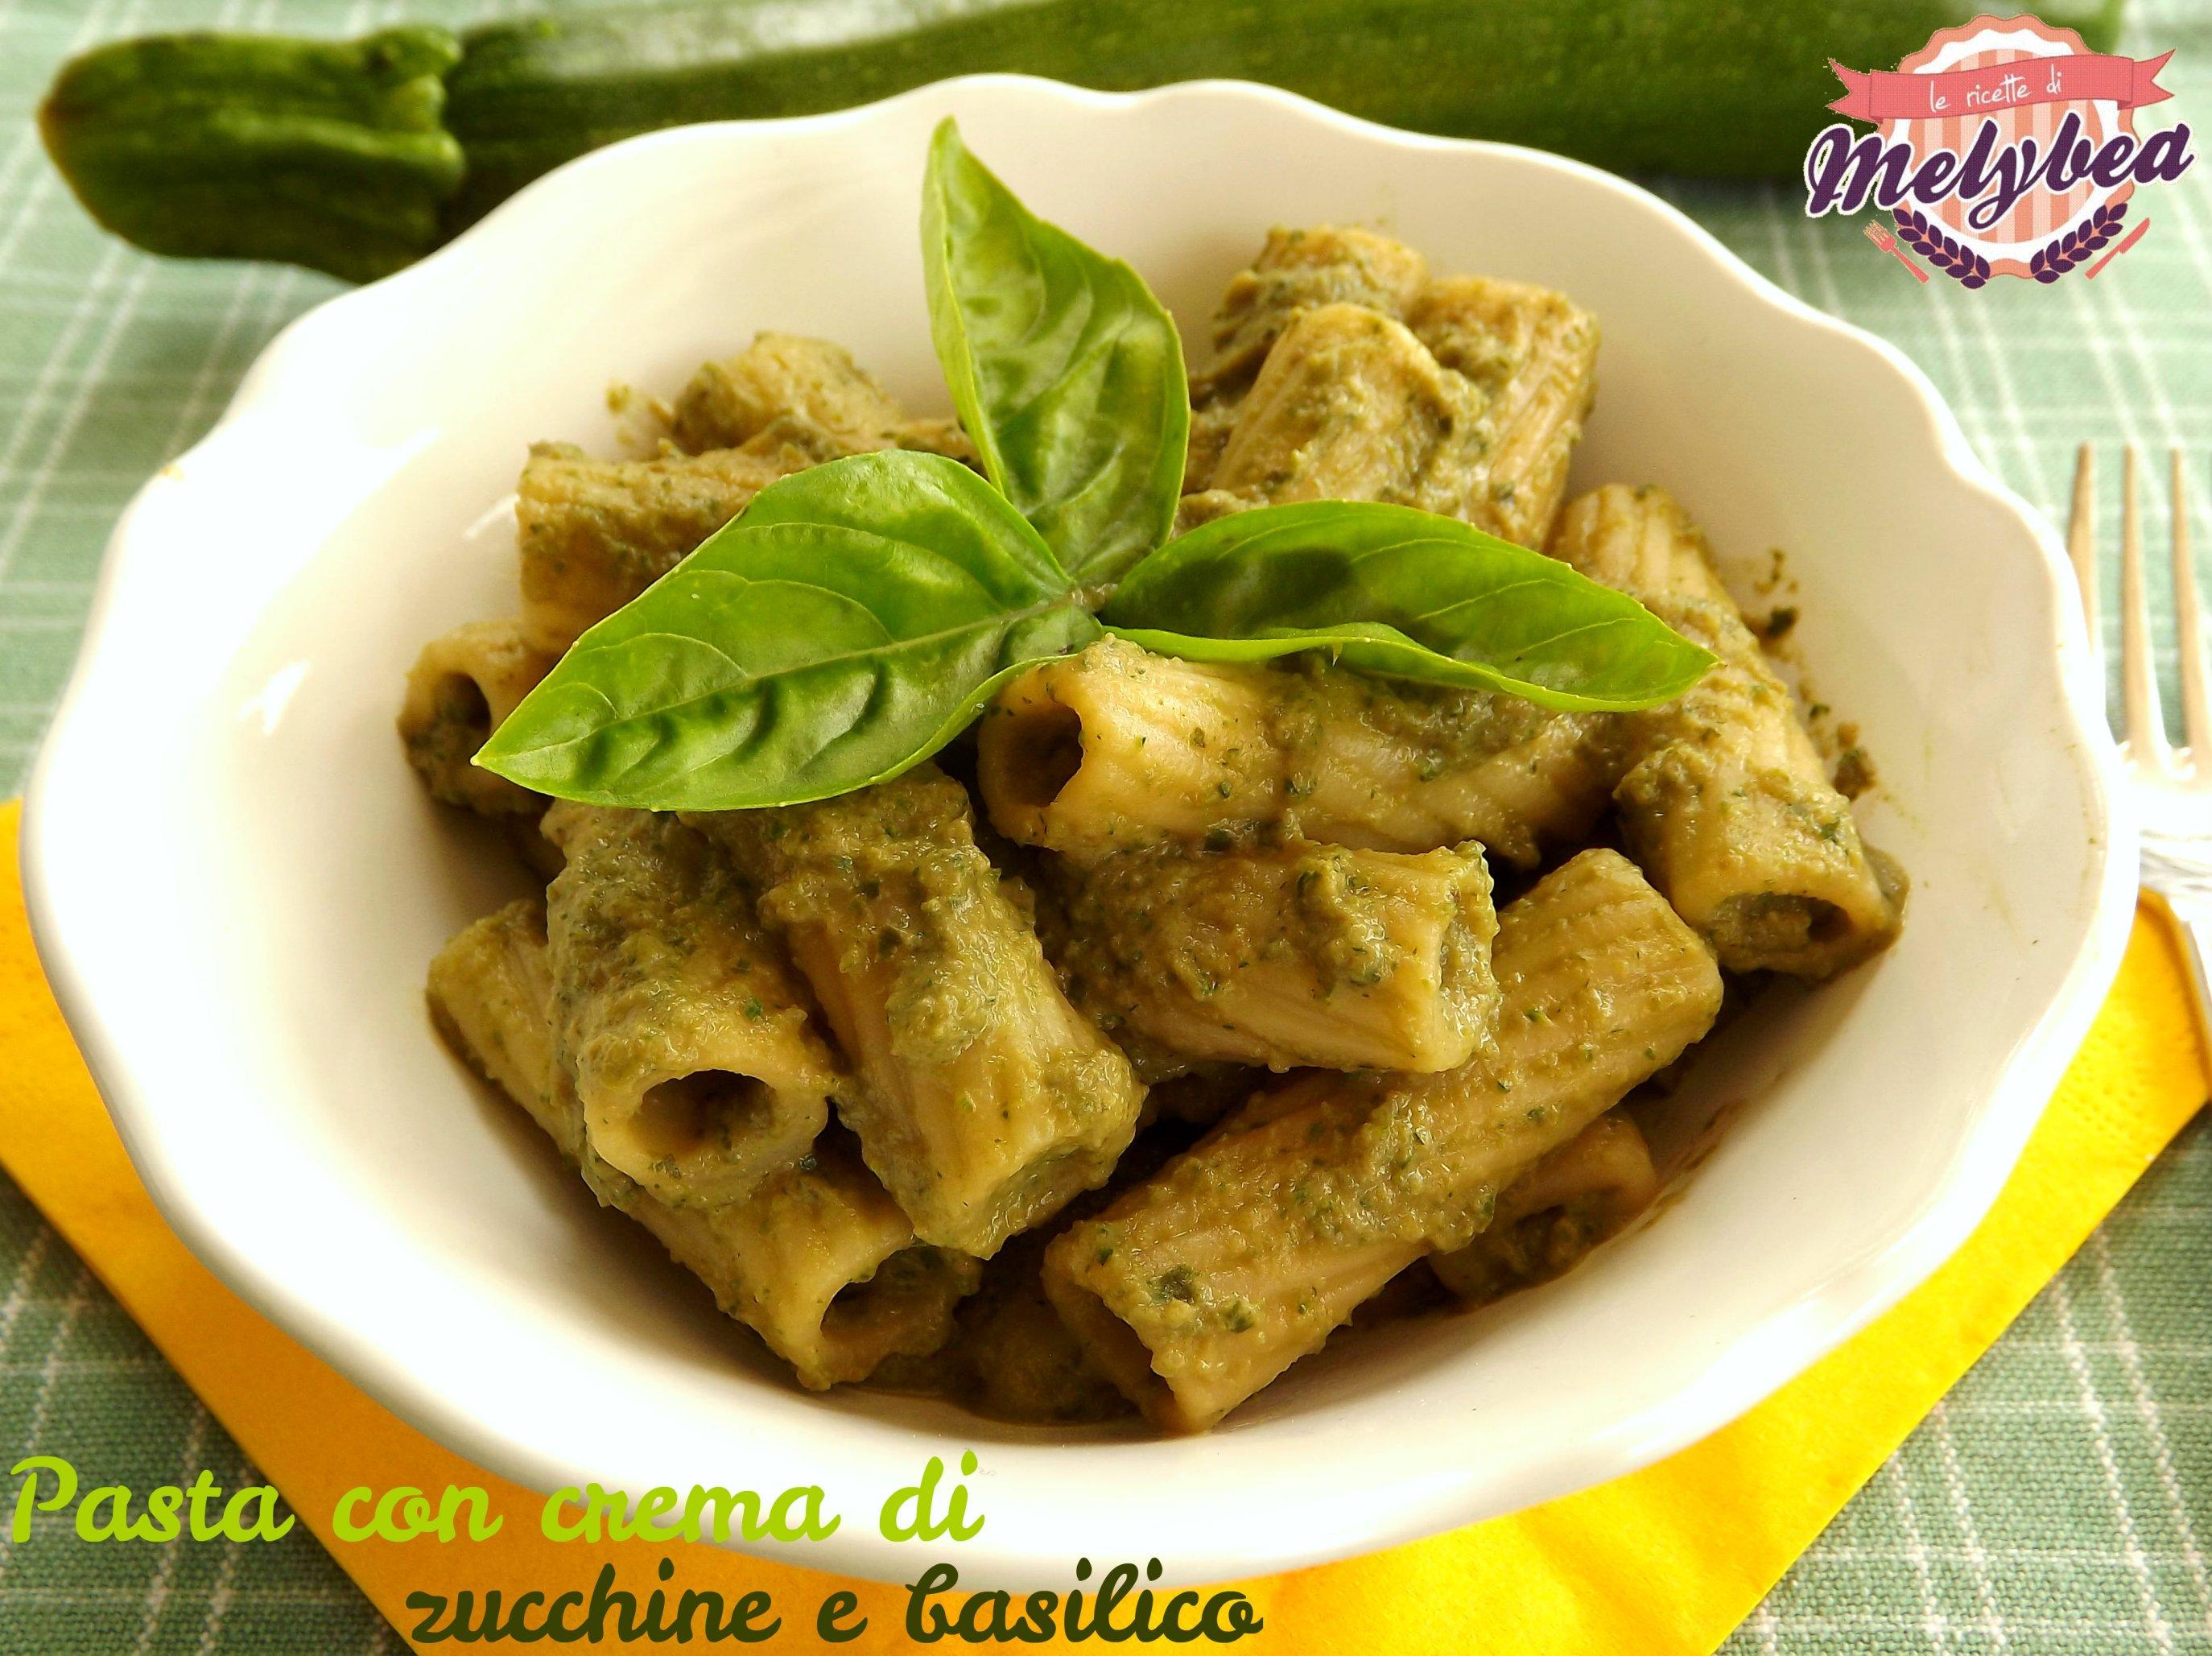 Pasta con crema di zucchine e basilico - Le ricette di Melybea